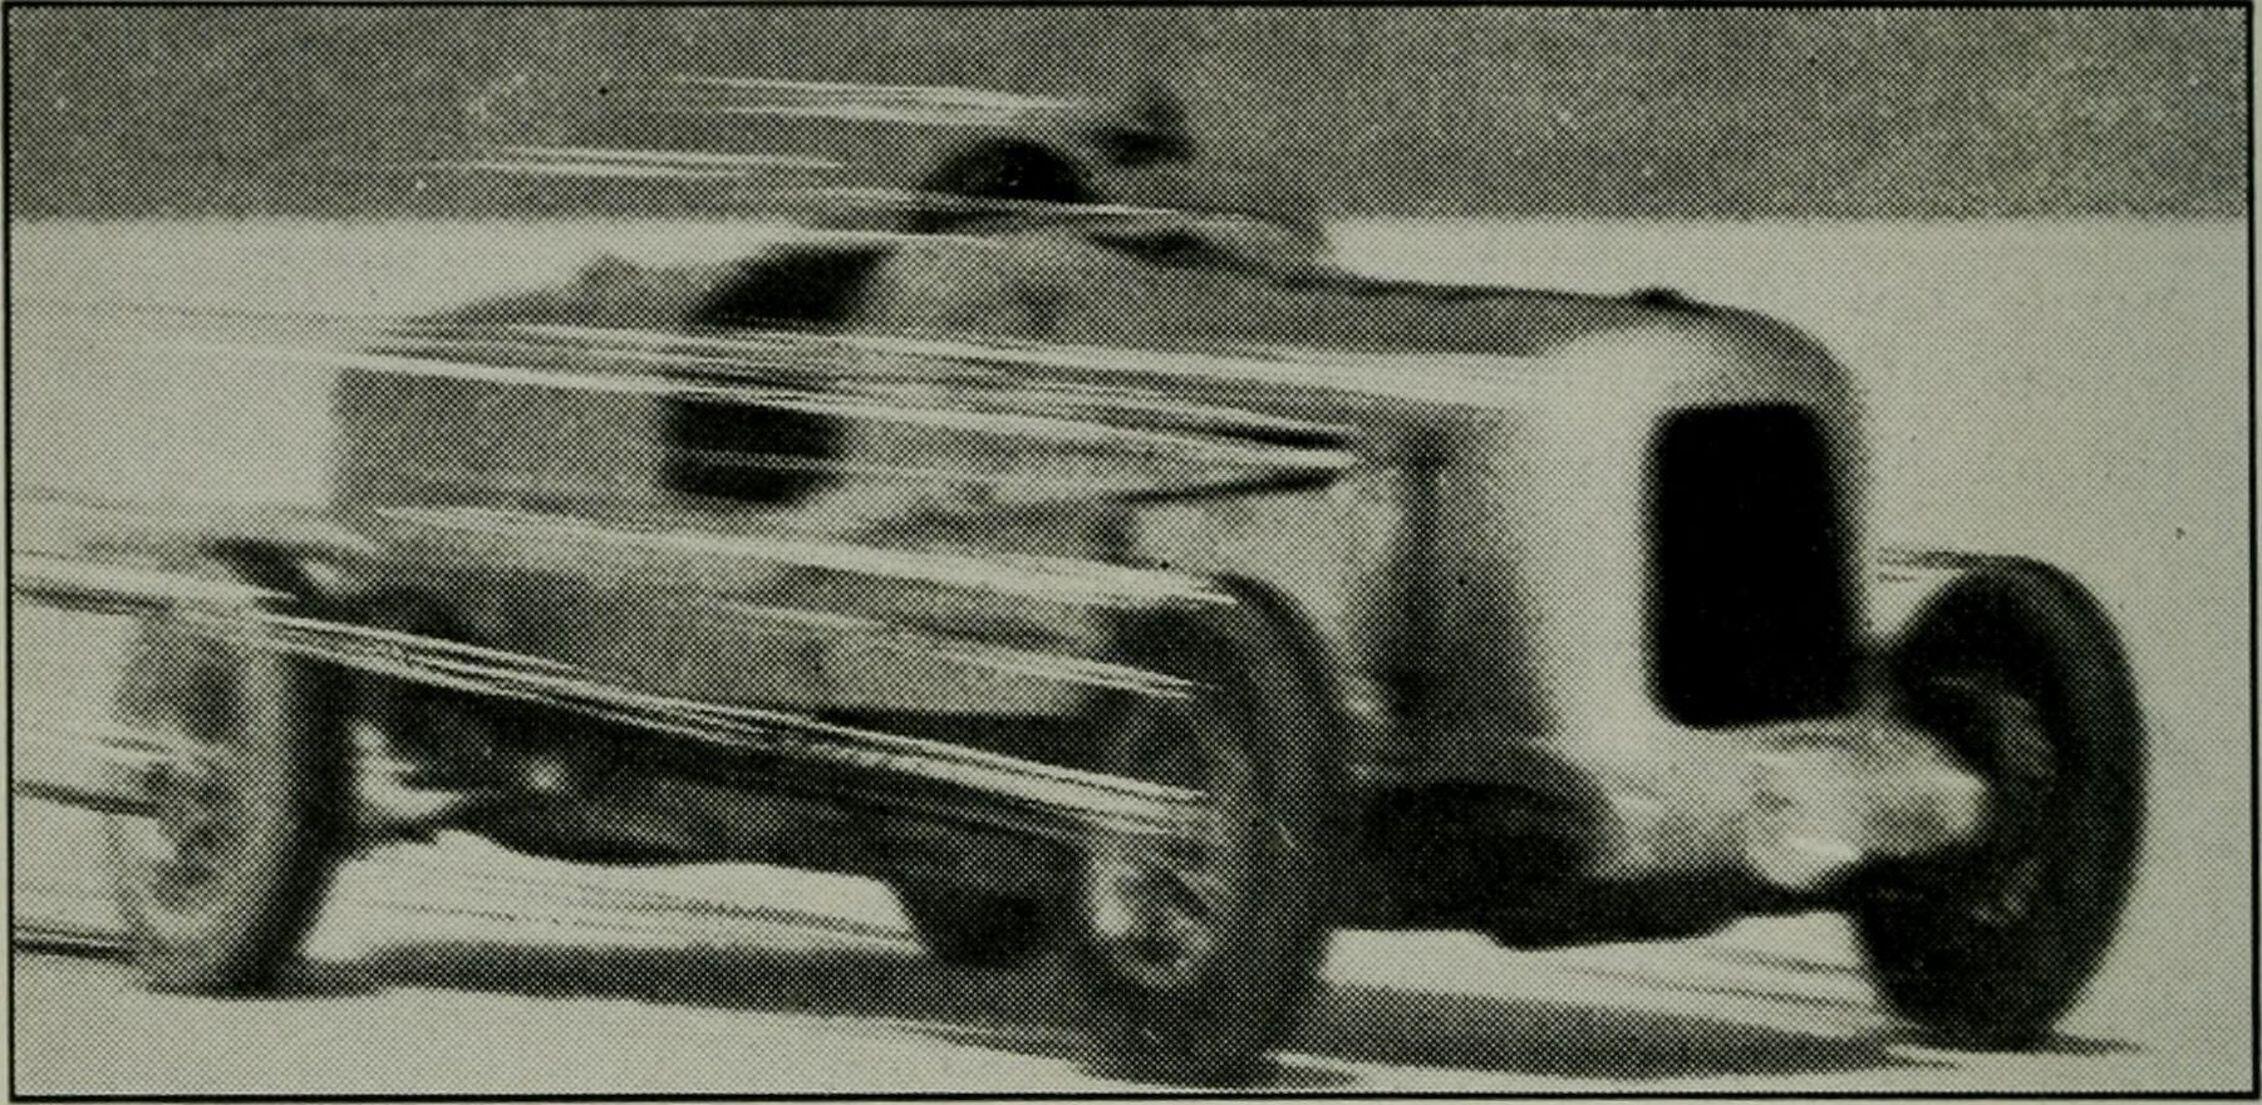 Ab-Jenkins-races-across-the-Bonneville-Salt-Flats-in-his-Pierce-Arrow-Special